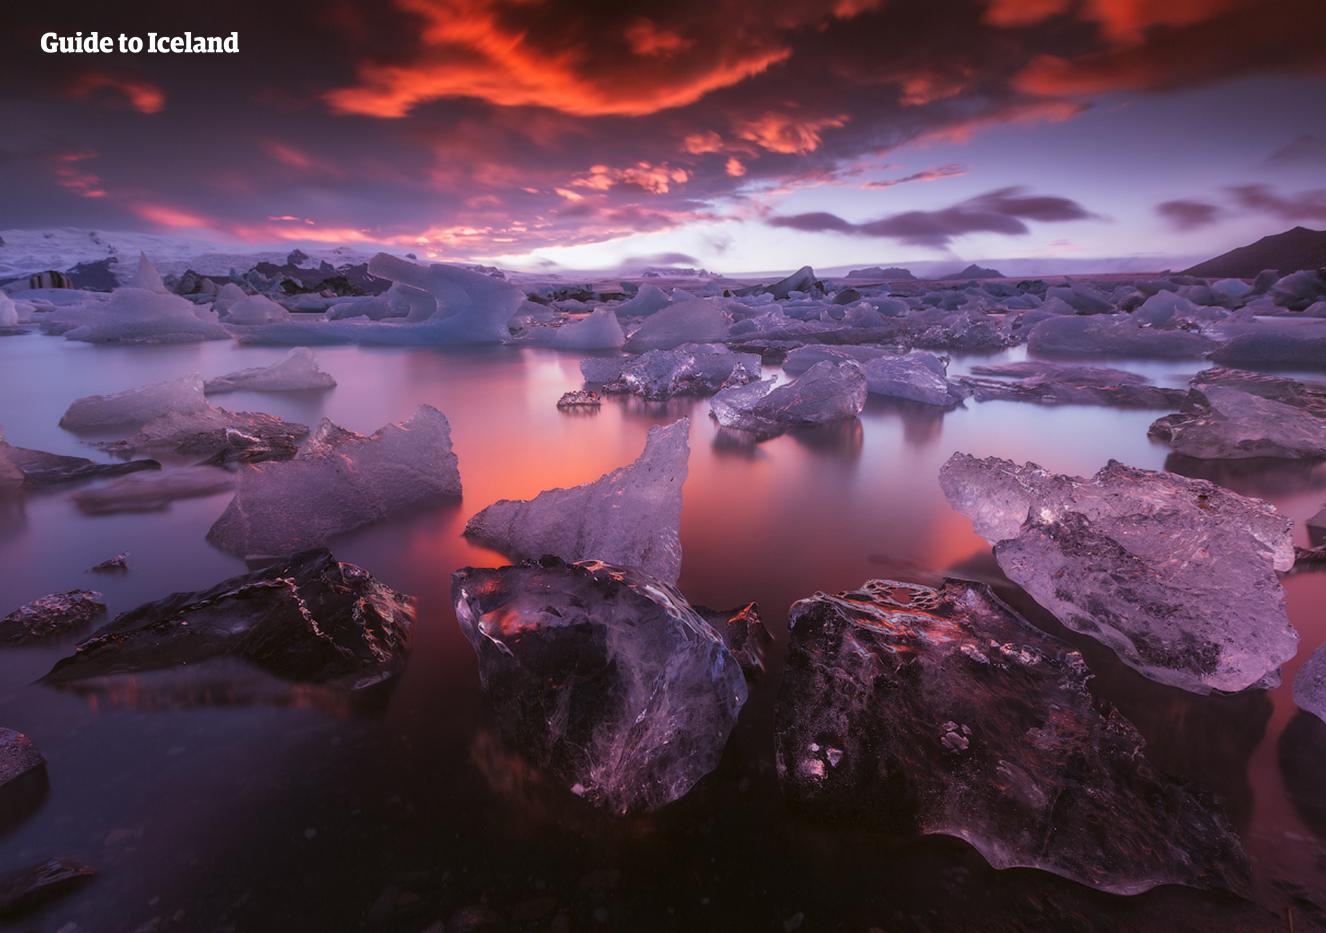 杰古沙龙冰河湖的浮冰在冰岛夏日的阳光下闪闪发光